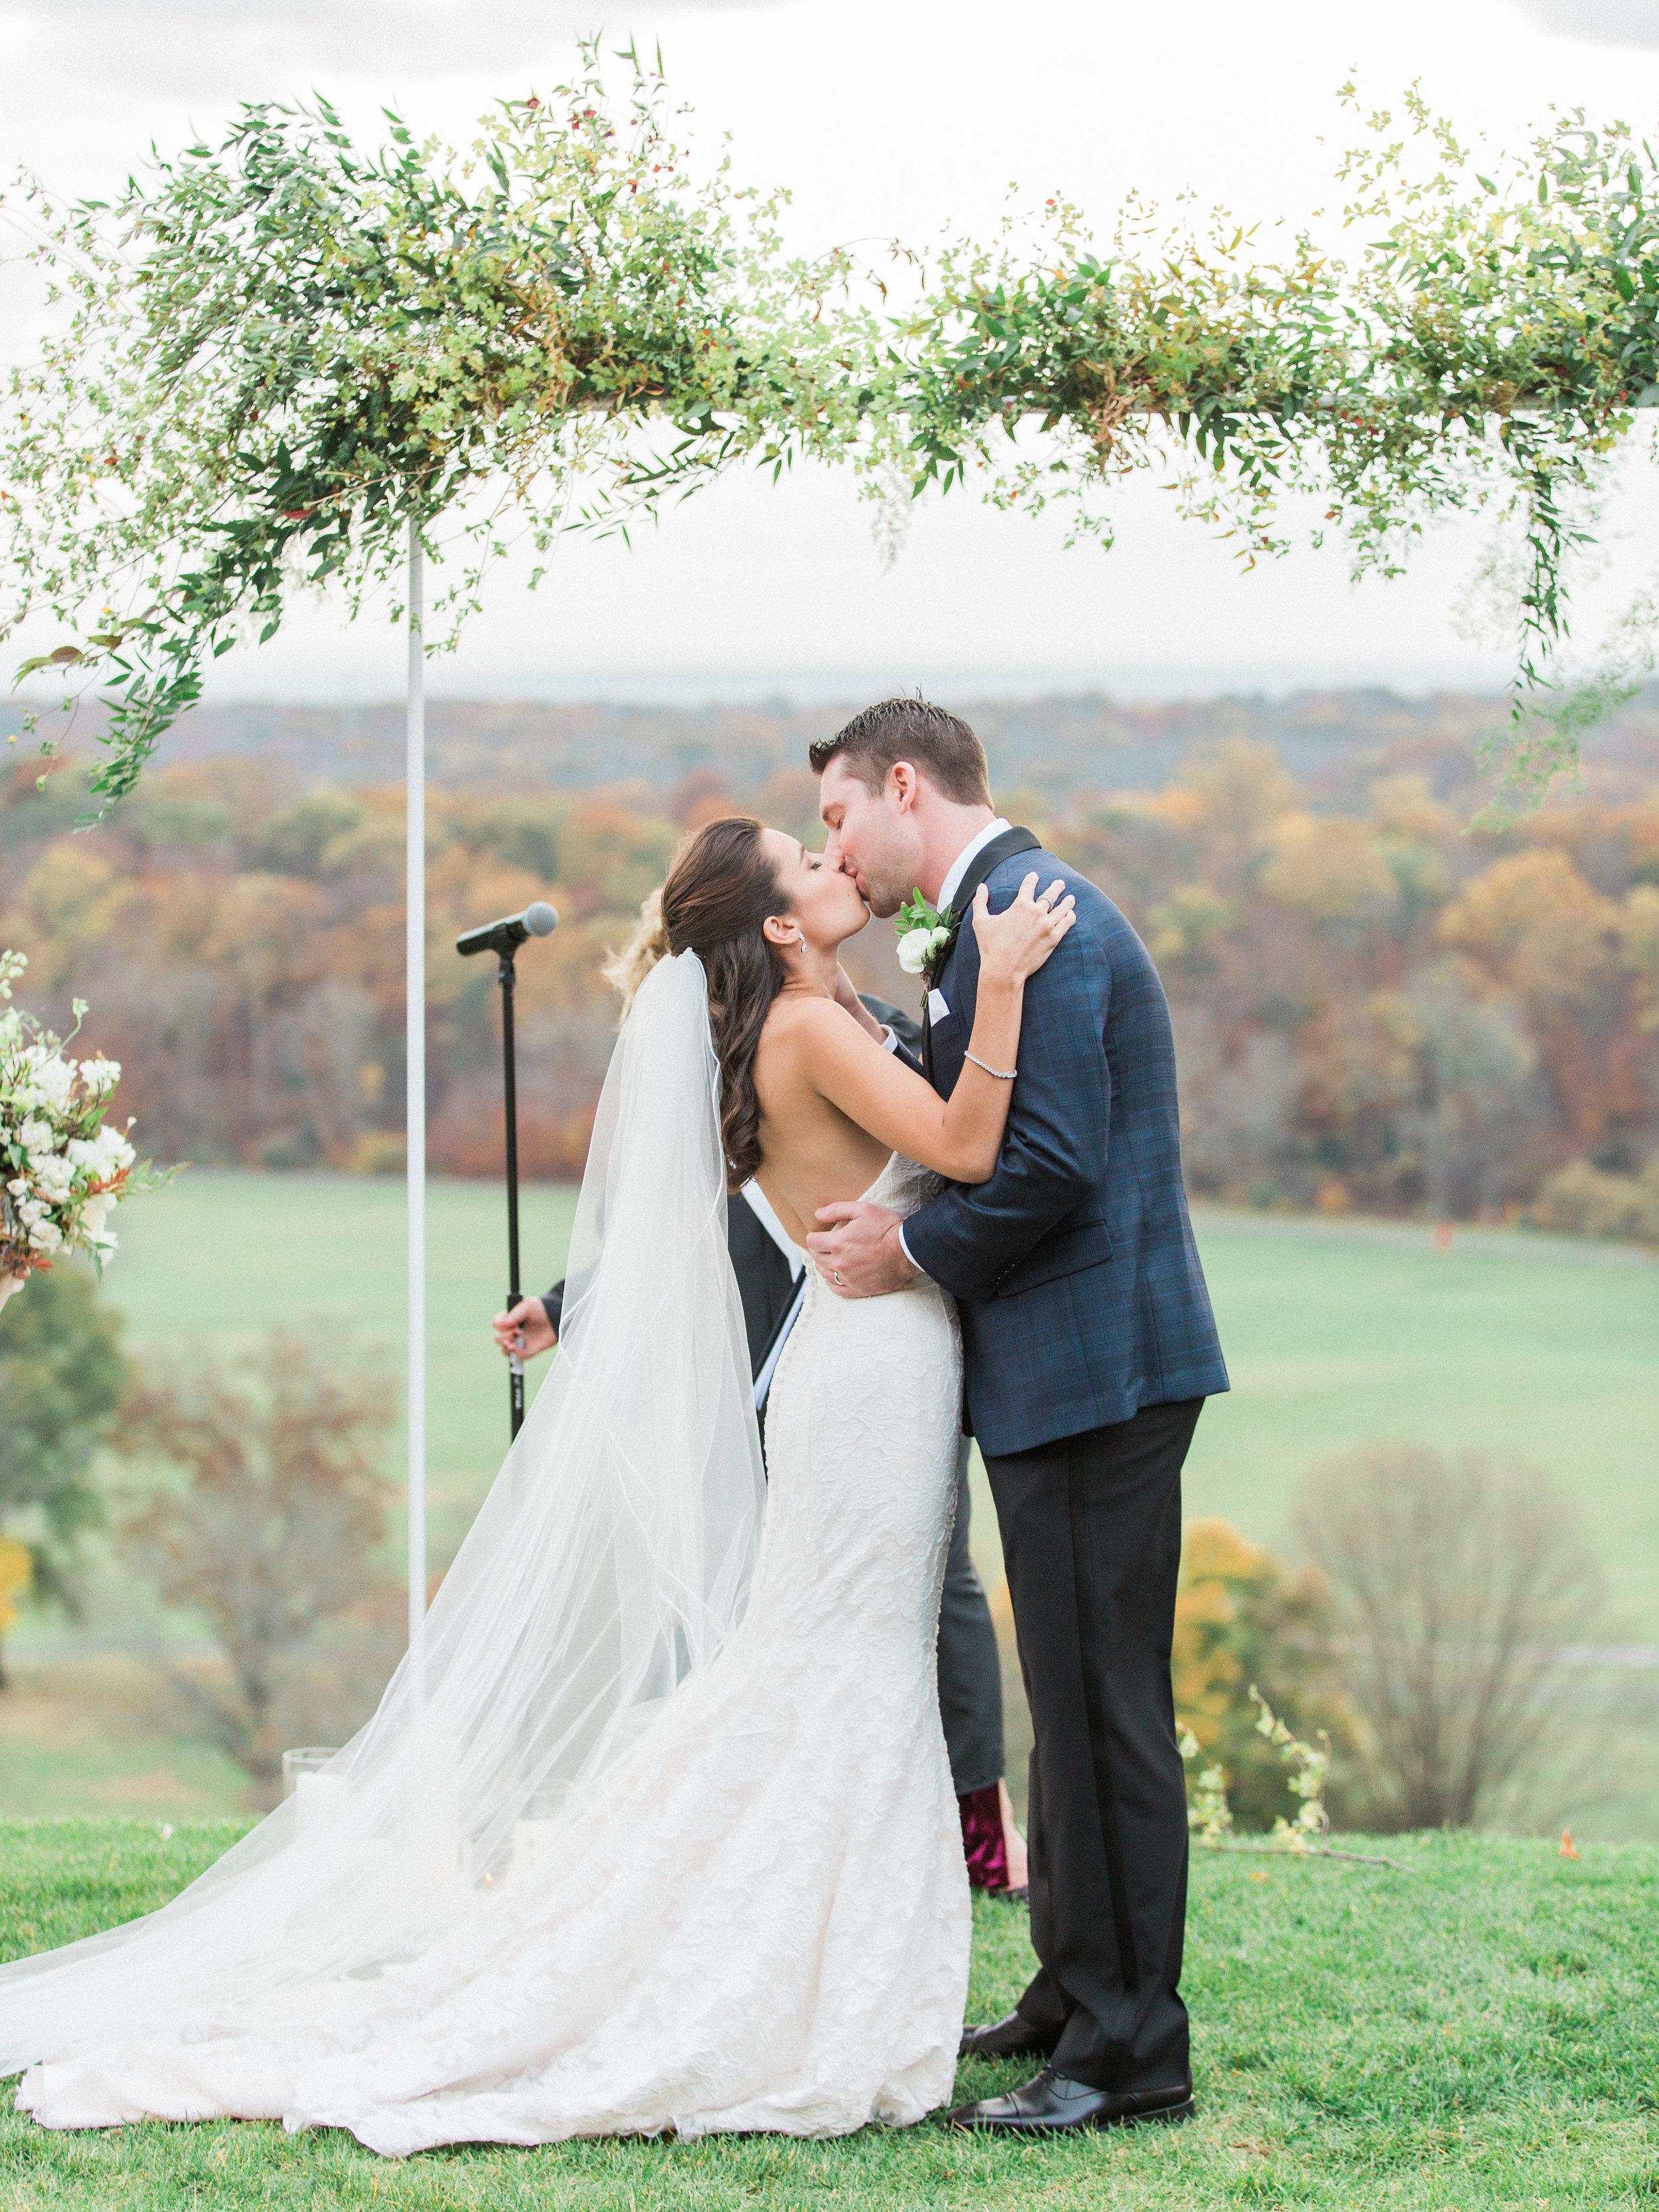 Bridget&John_Highlights_153.jpg